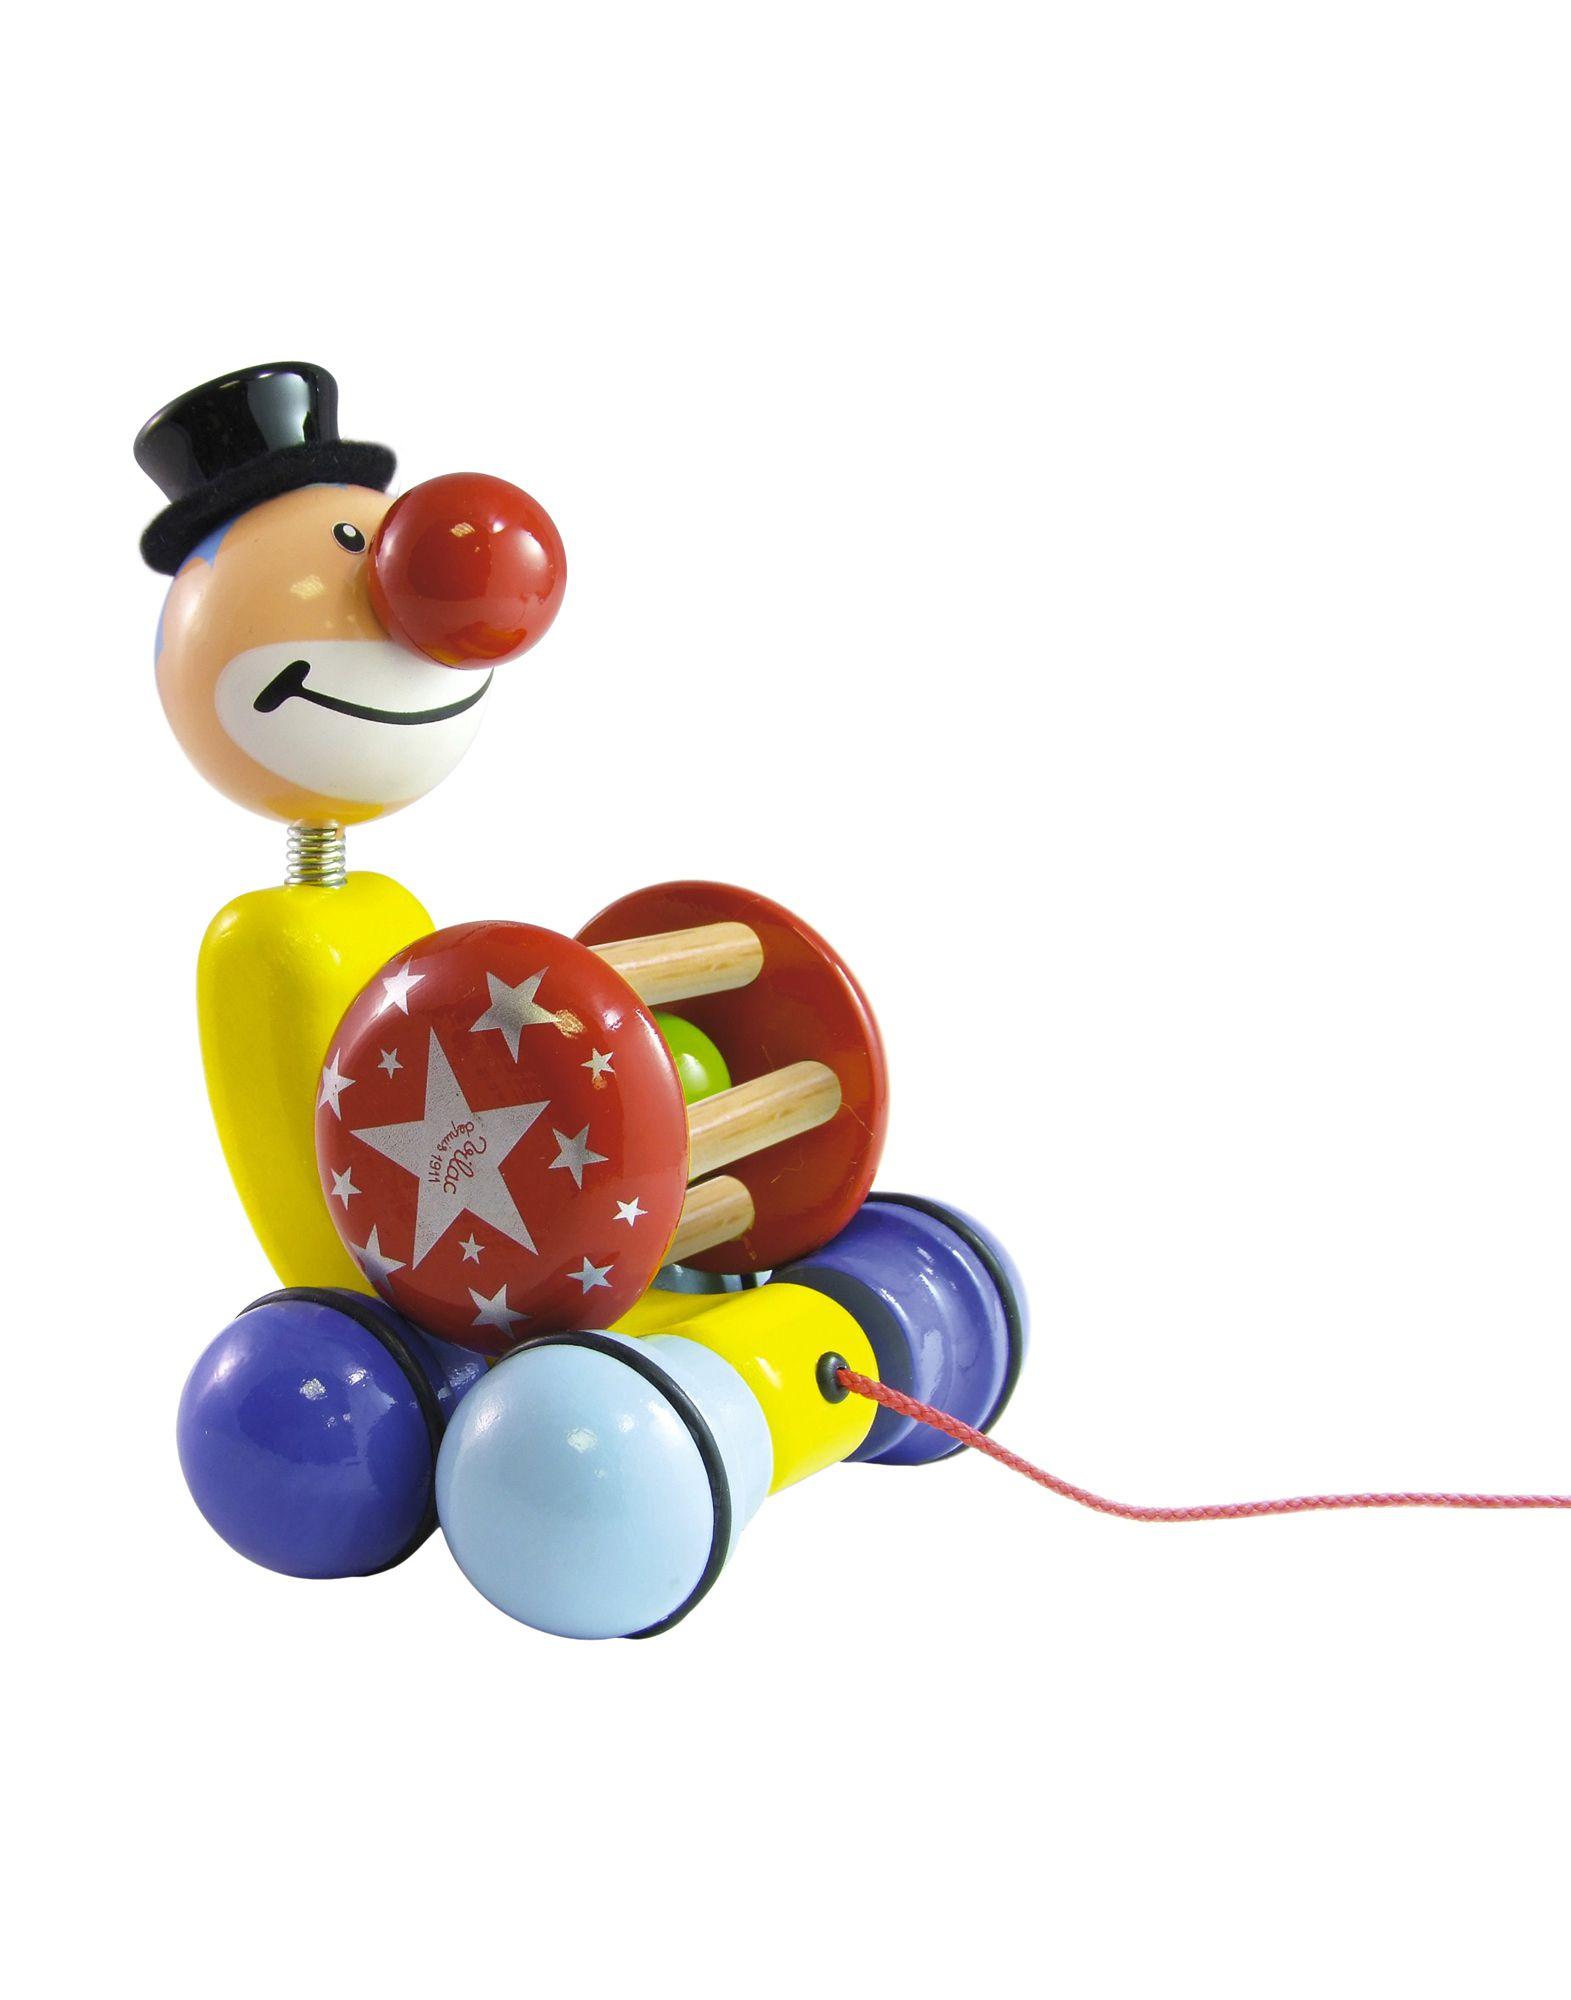 VILAC Unisex Baby- und Kinderspielzeuge Farbe (-) Größe 1